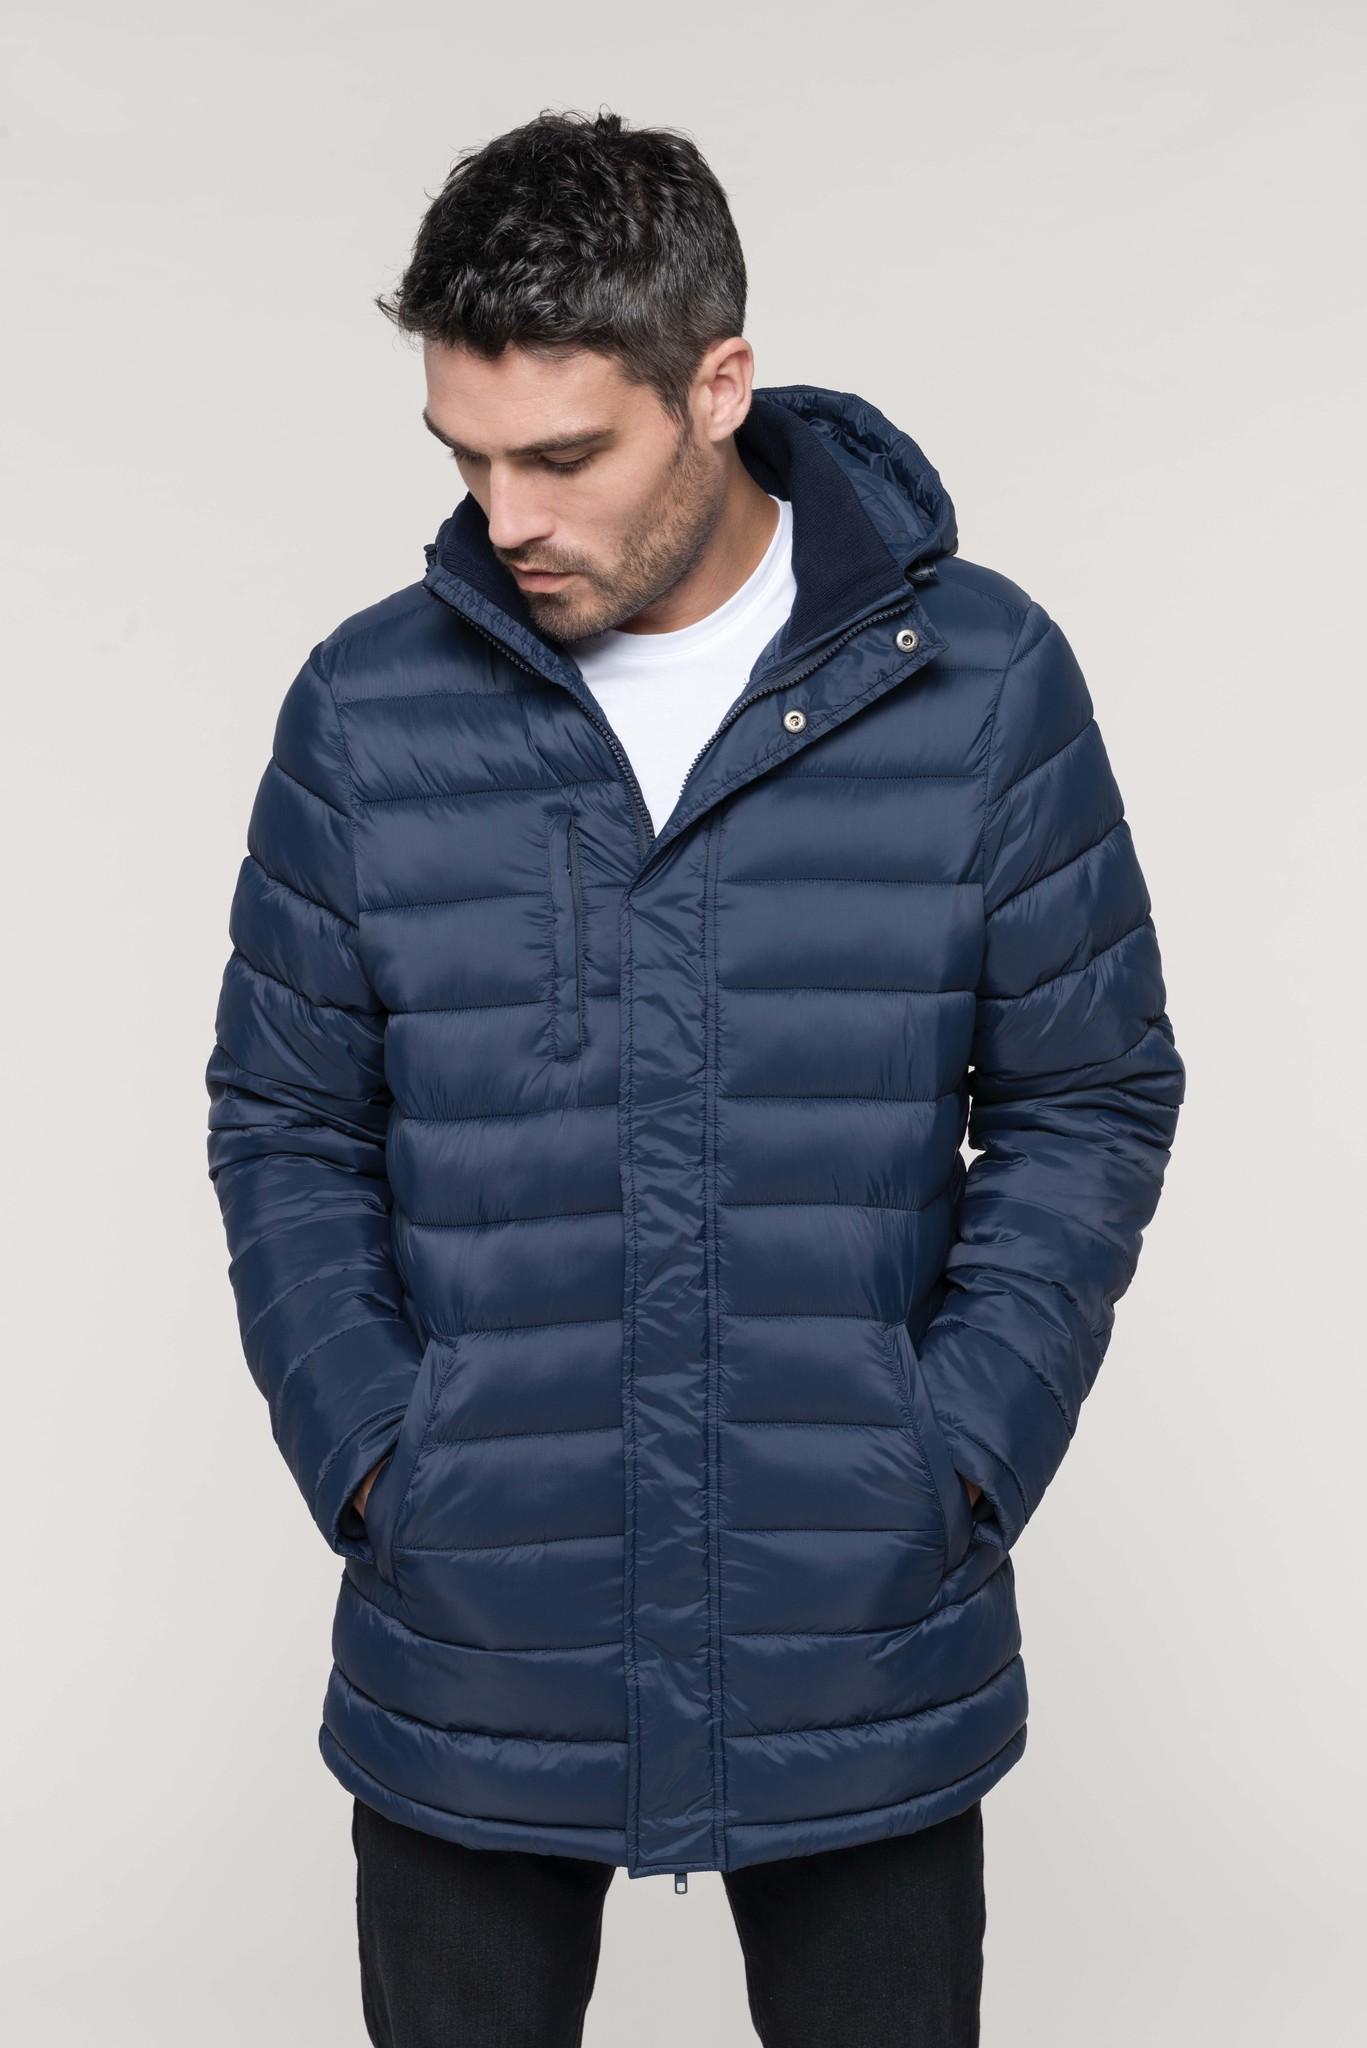 Kariban long jacket with hoodie - men